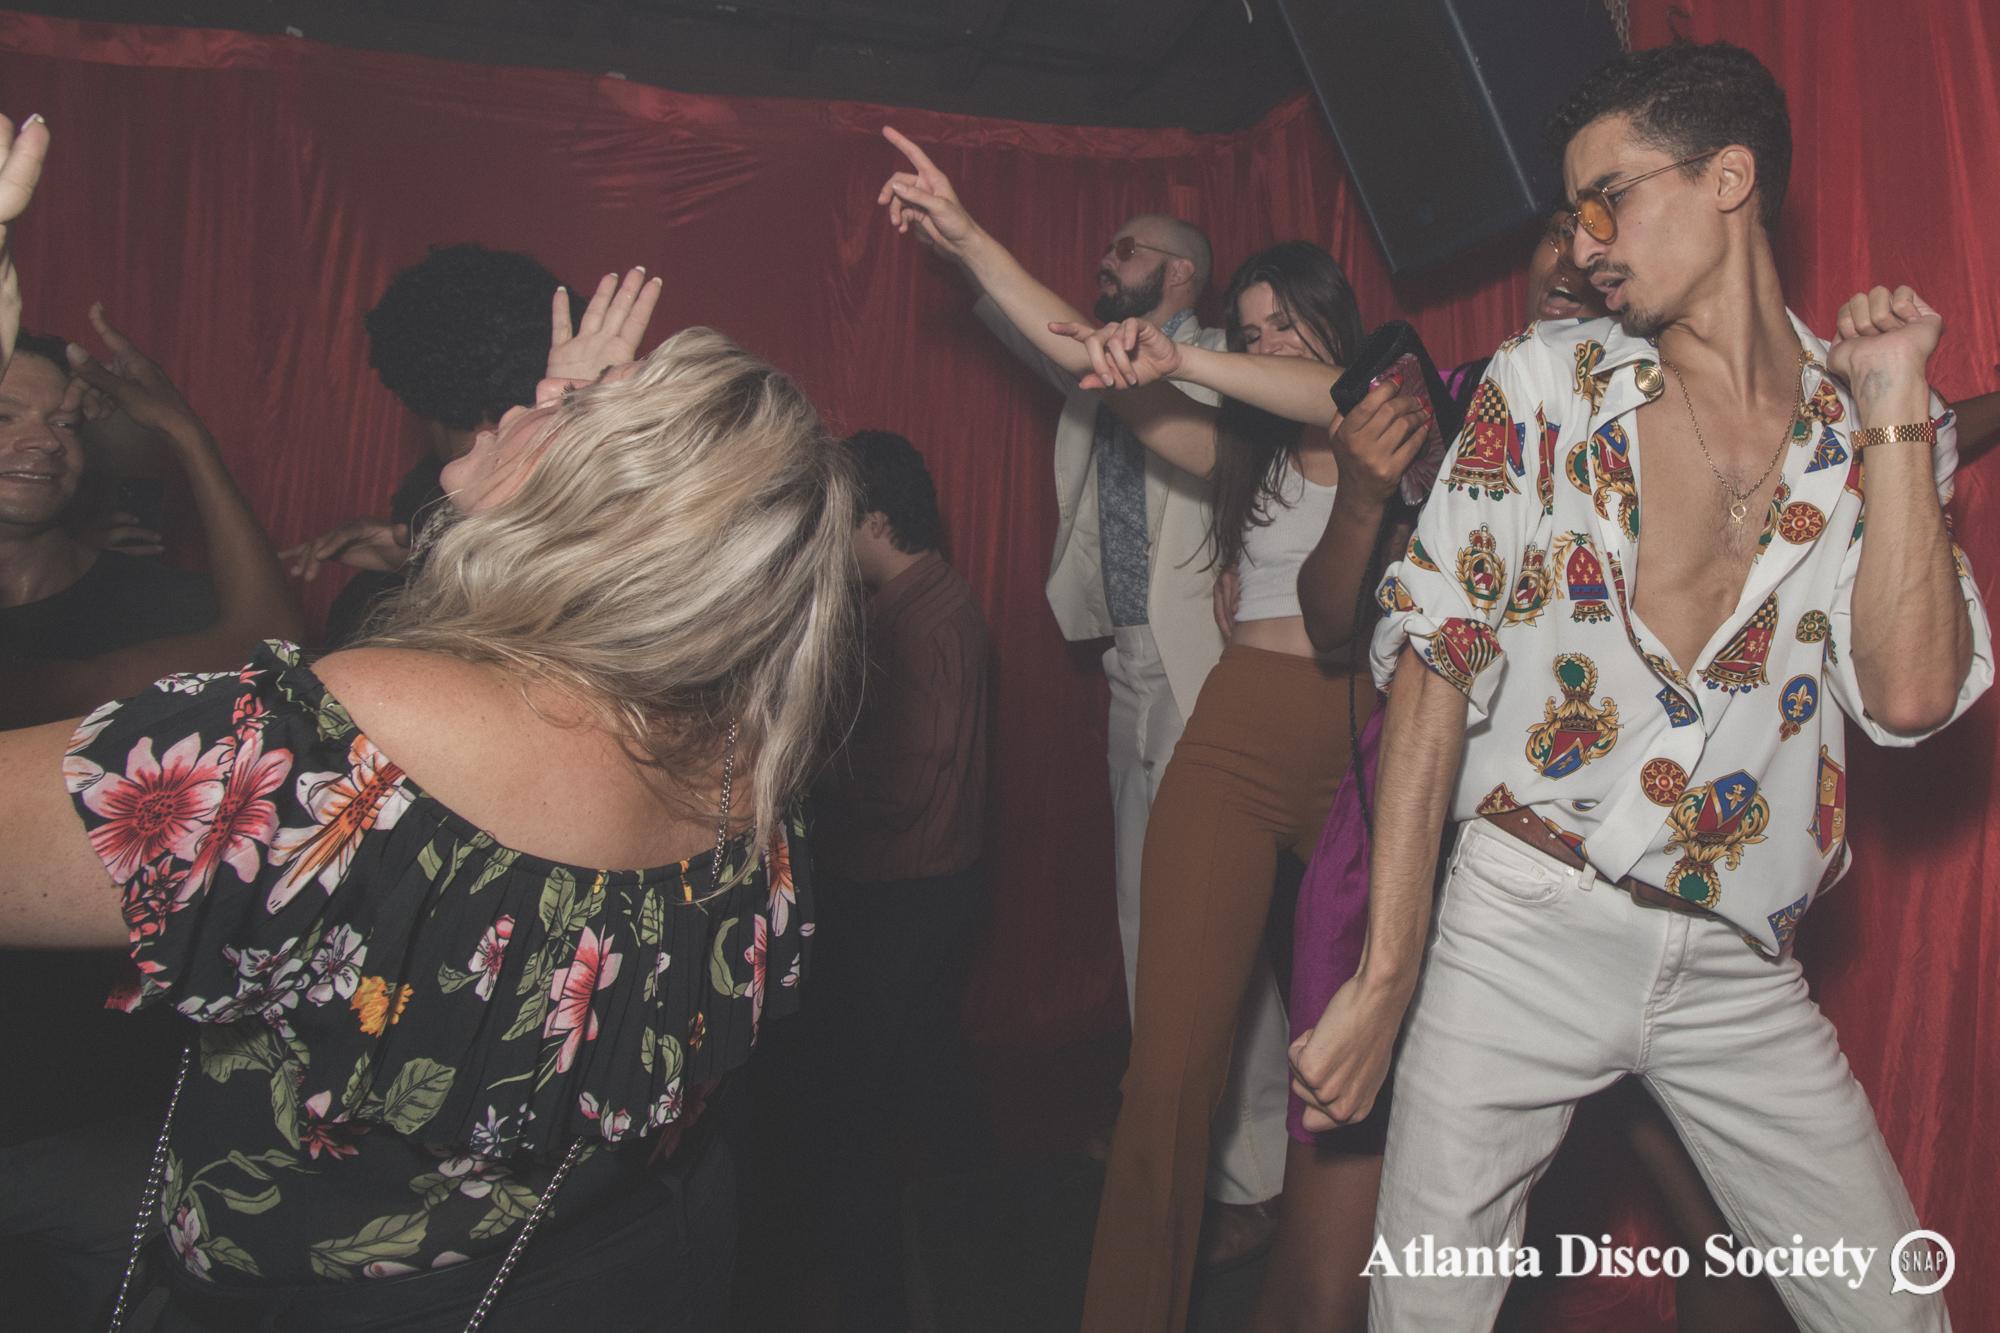 38Atlanta Disco Society Grace Kelly Oh Snap Kid 7.27.19.jpg